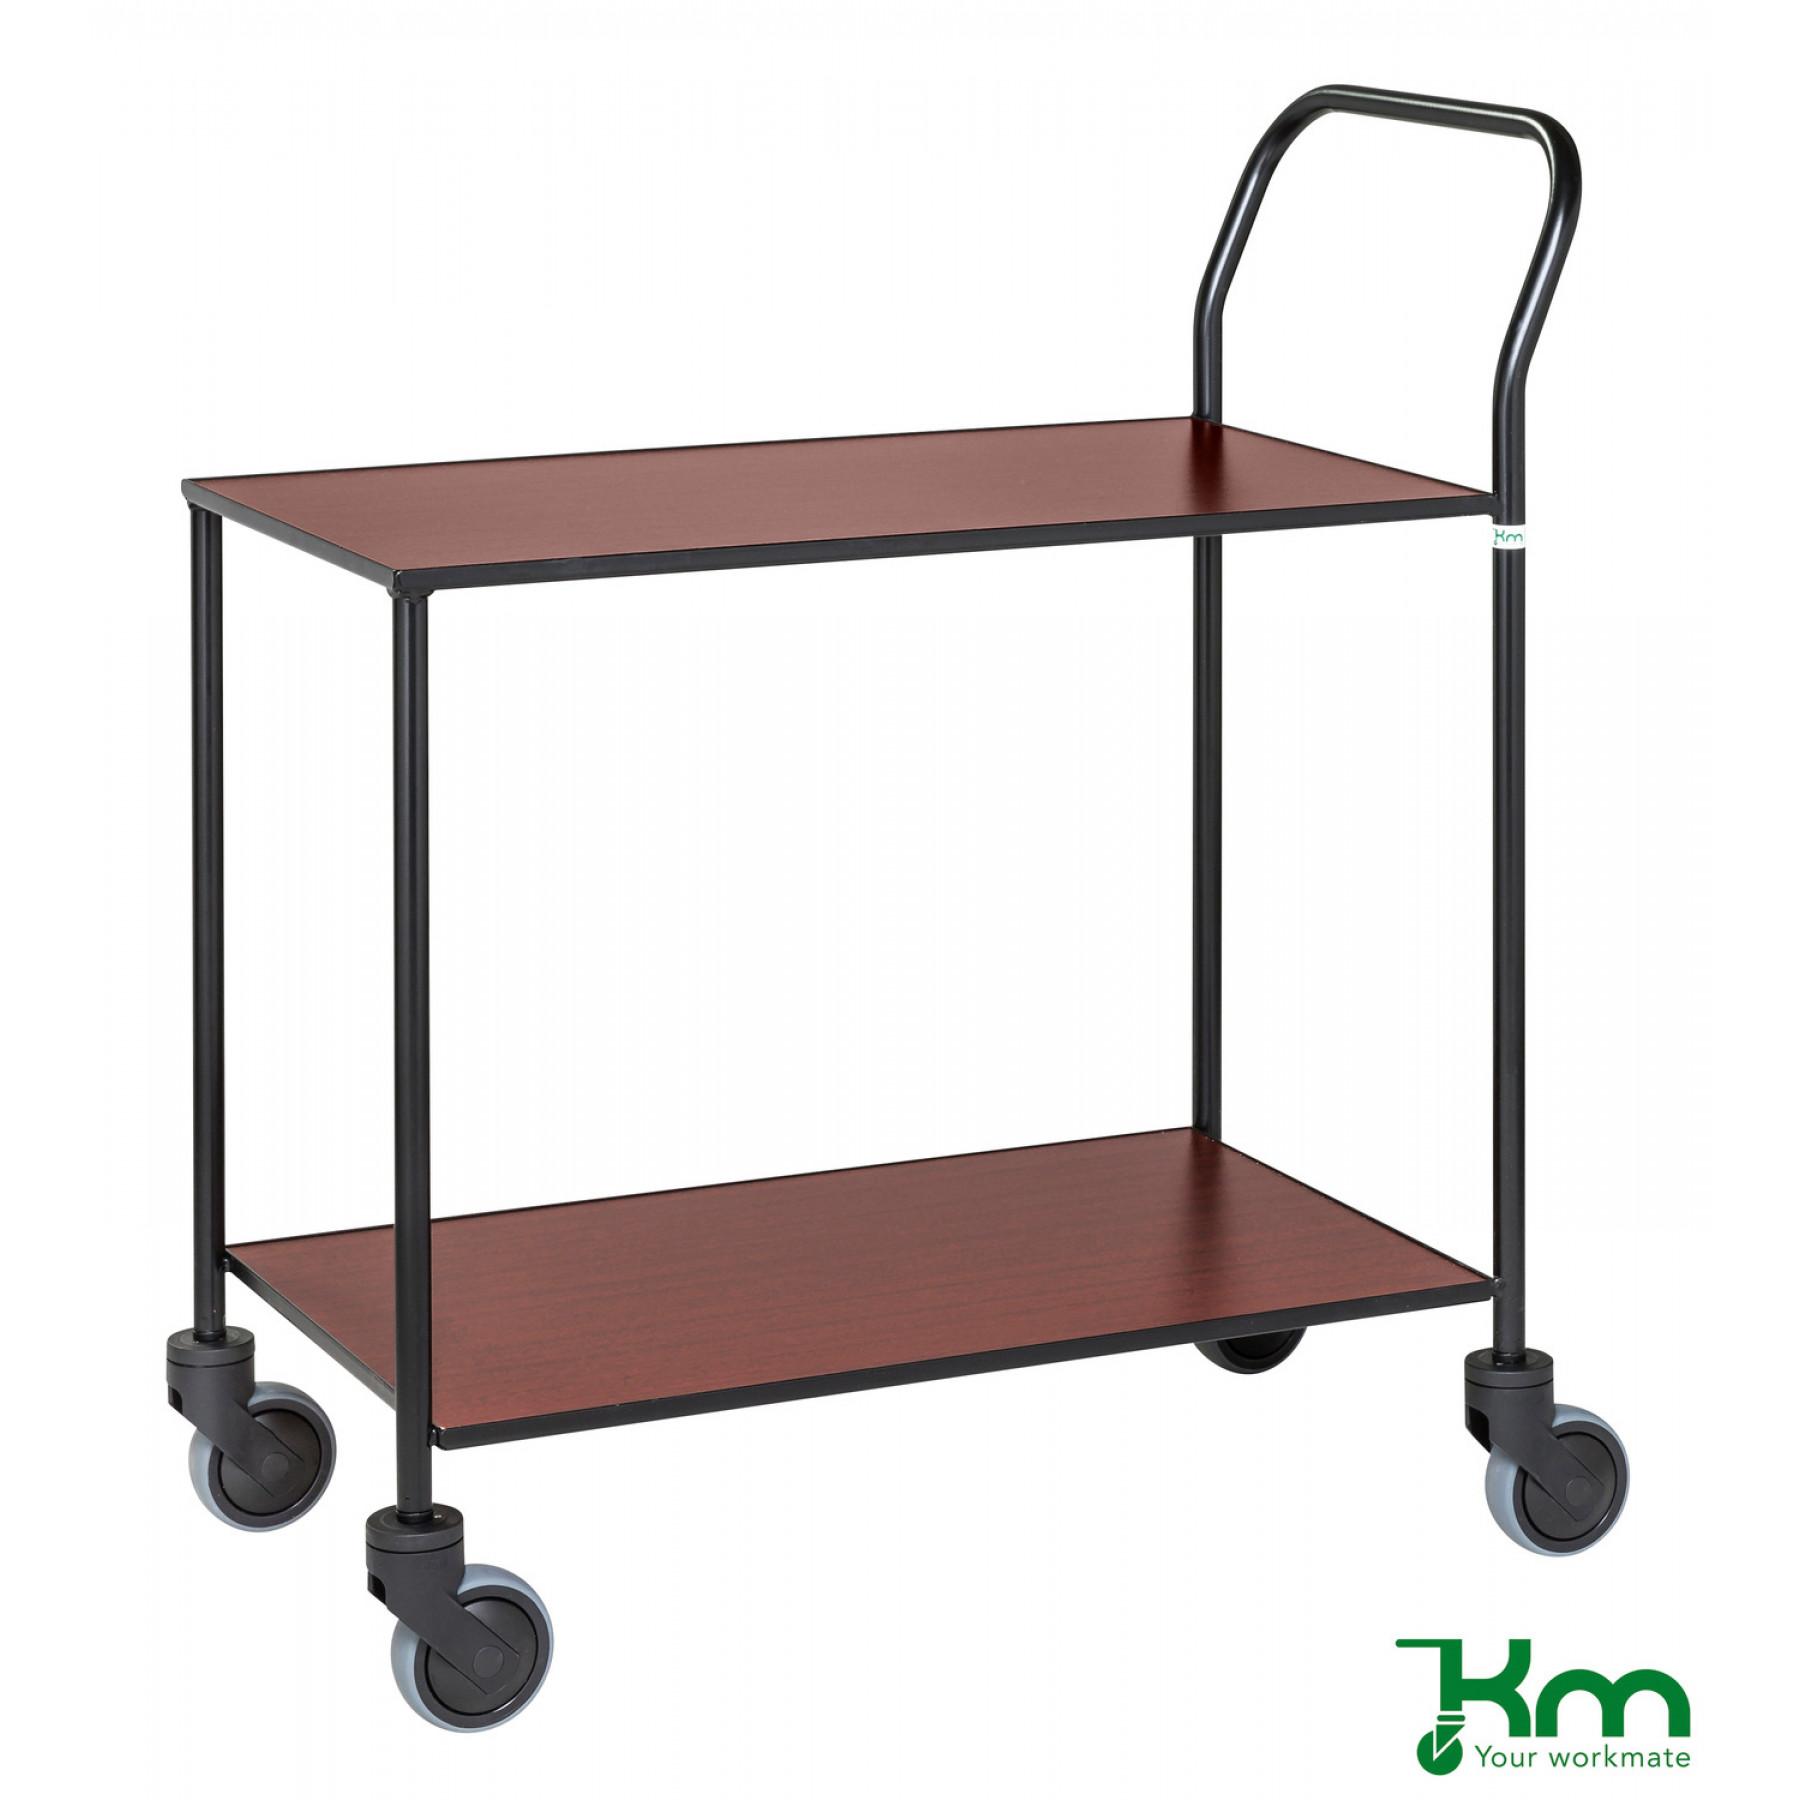 Design tafelwagen met mahoniestructuur toplaag, KM 872-MA